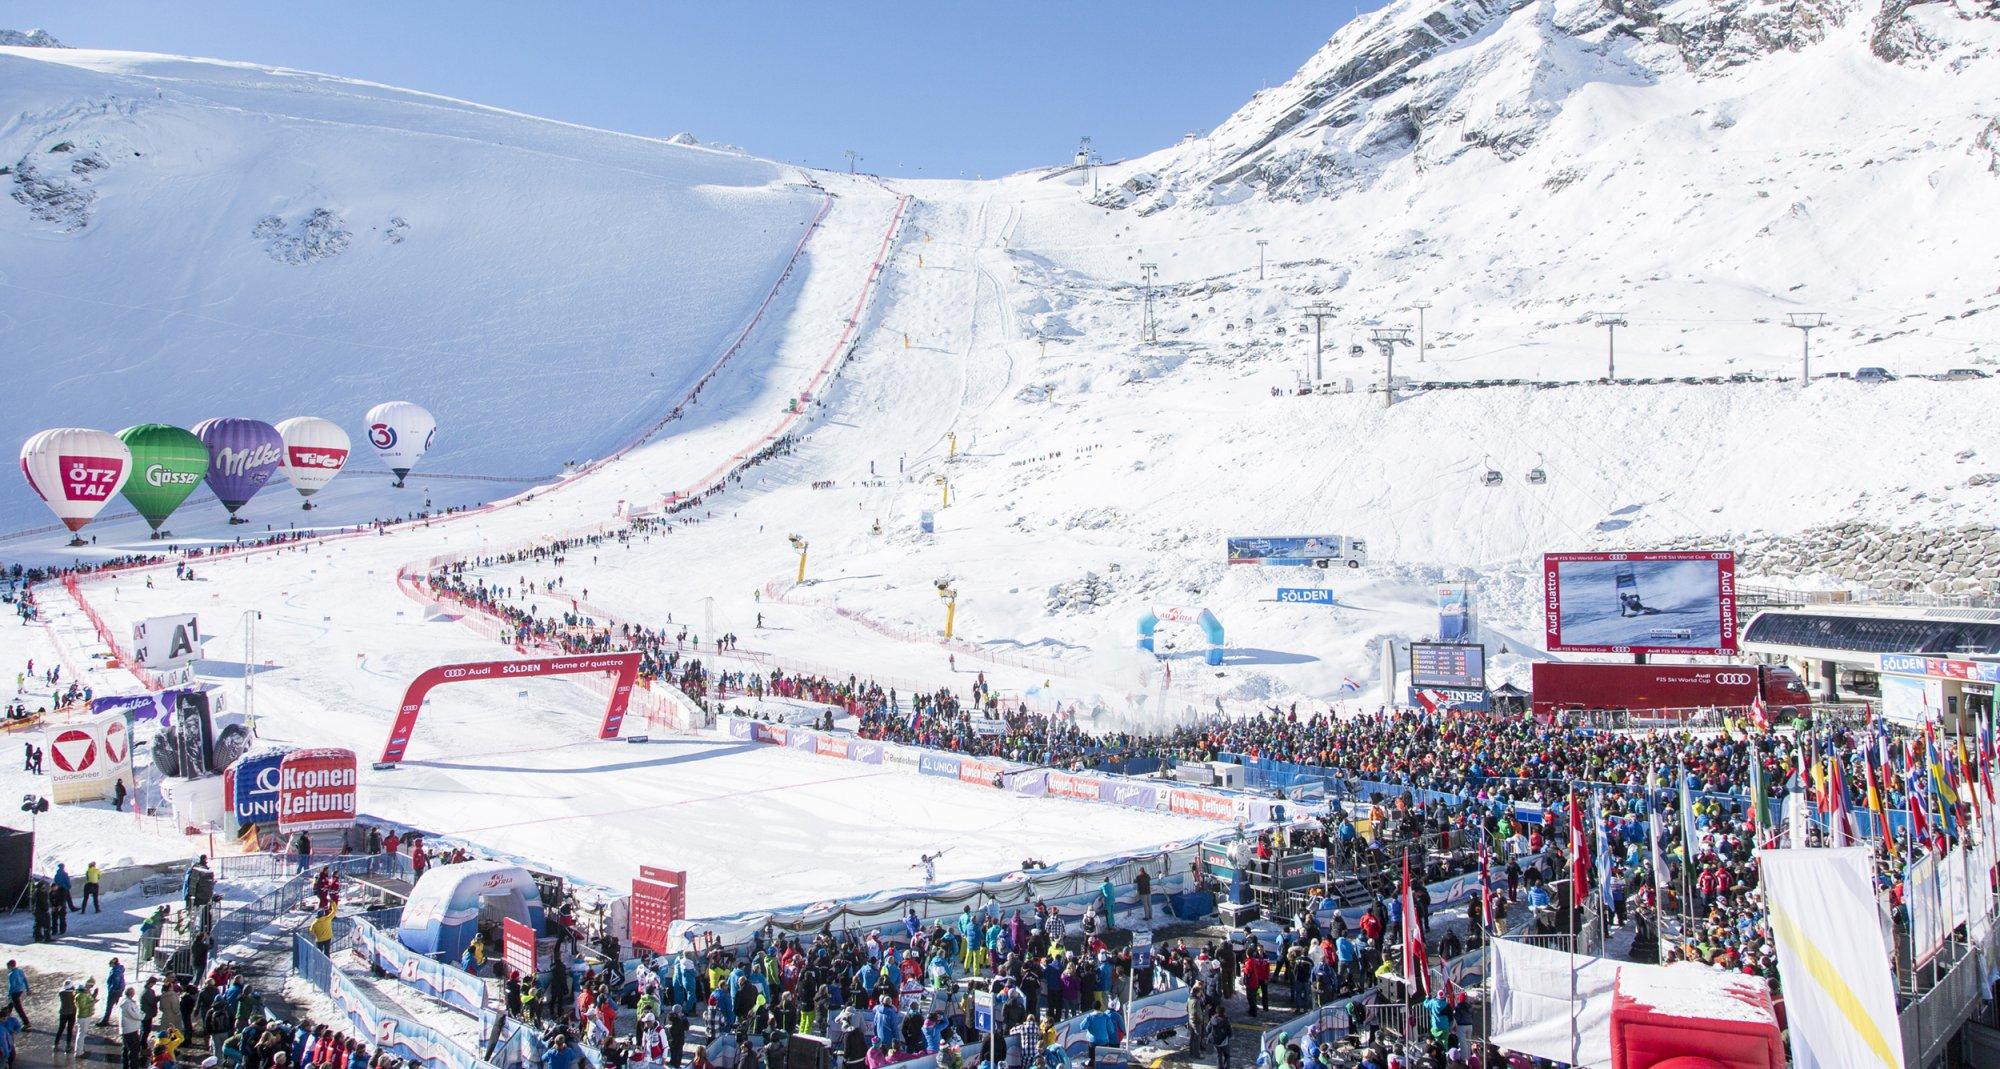 Wein am Berg 2020: Genuss-Gipfeltreffen in Slden - worlds